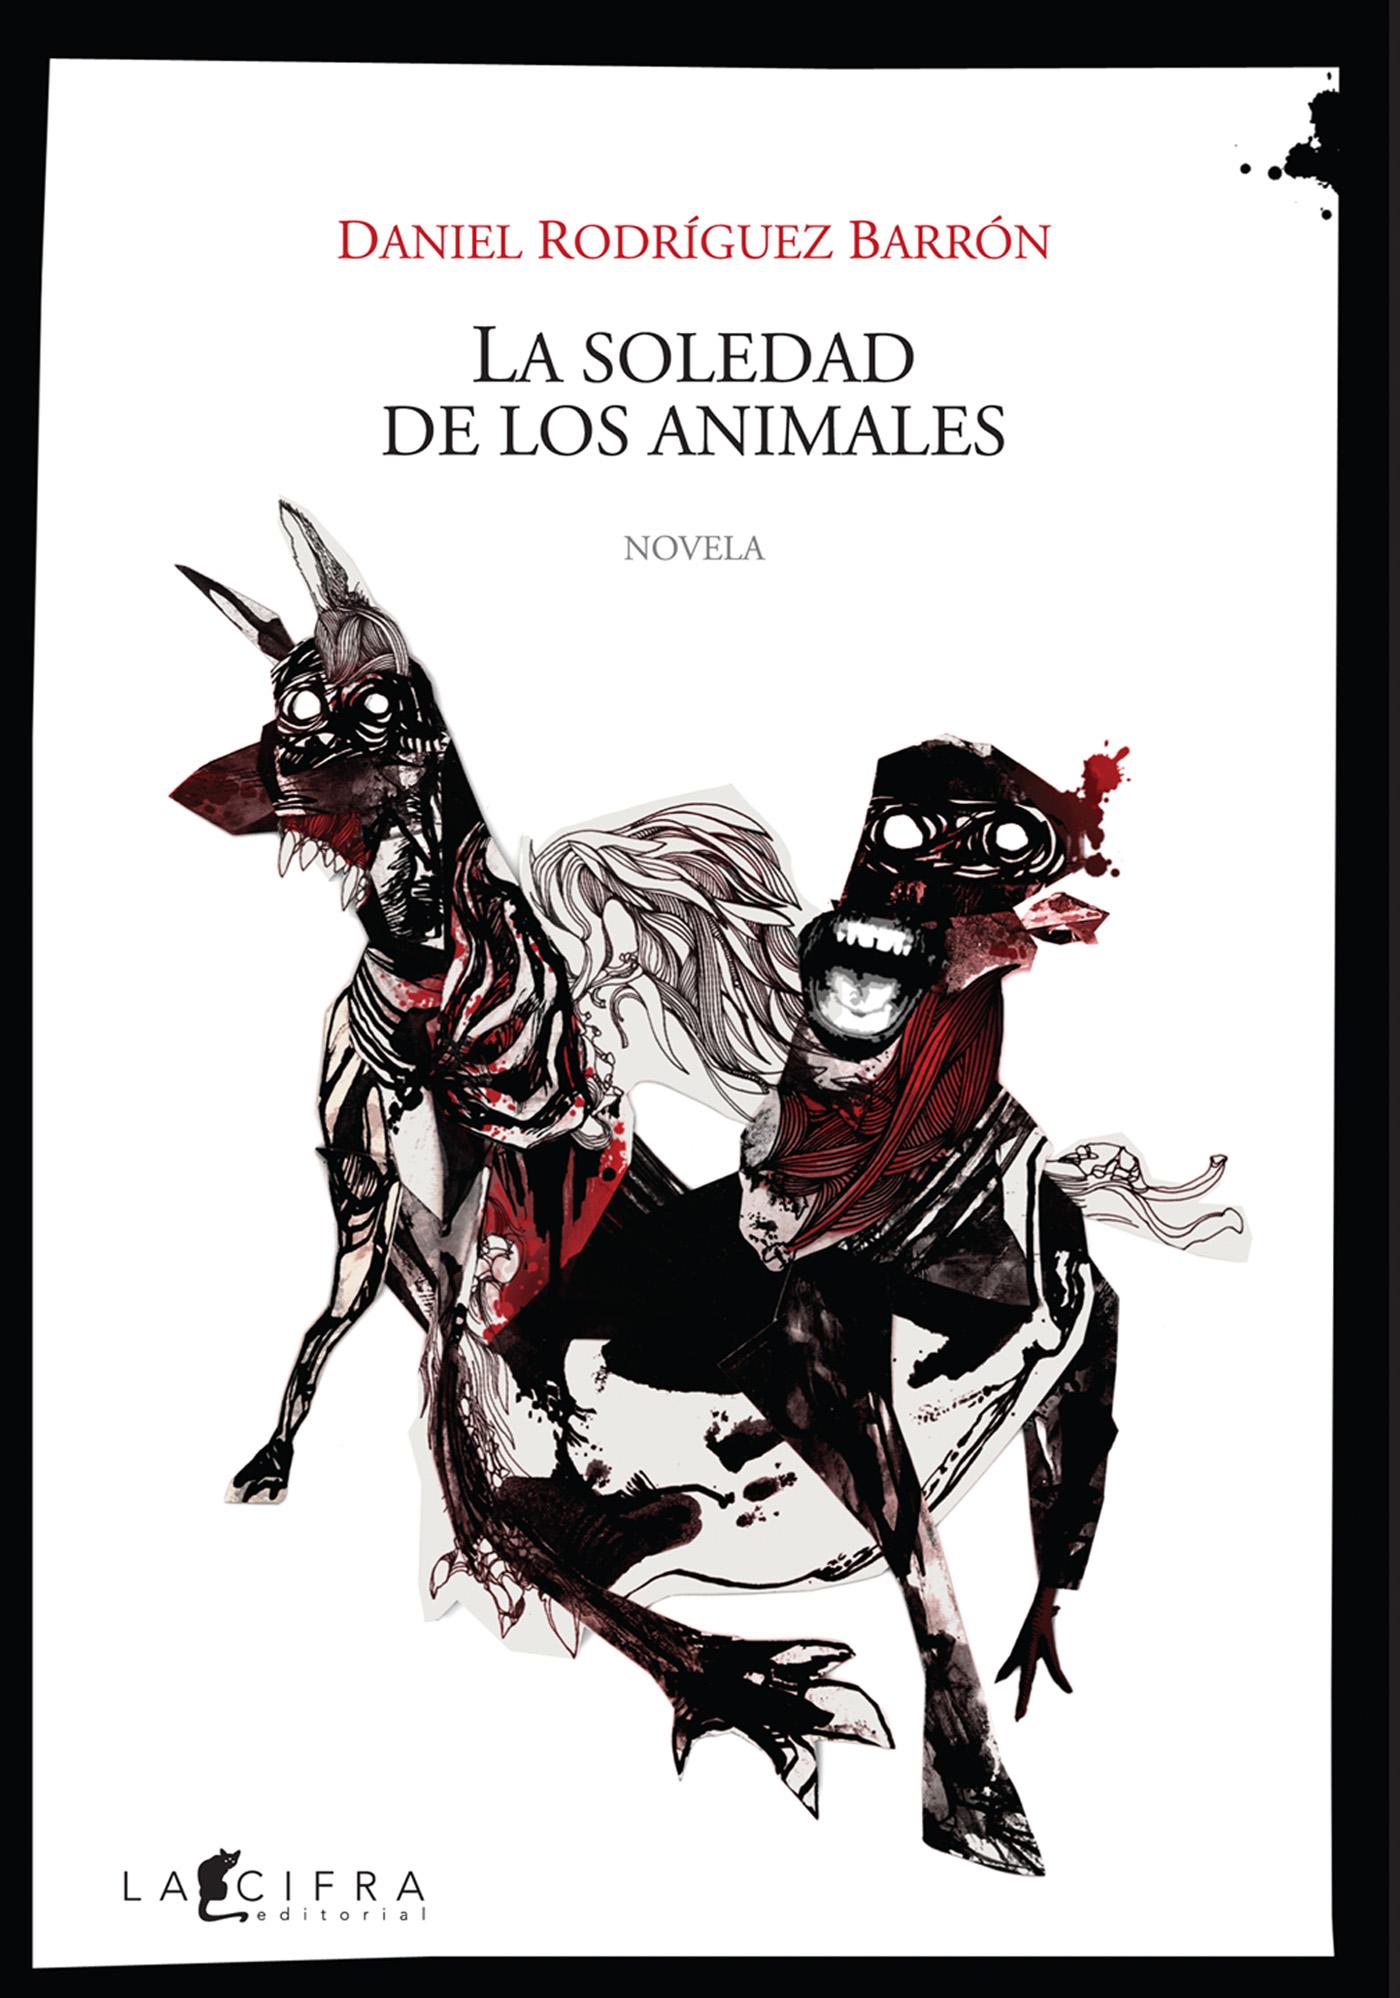 La soledad de los animales – Daniel Rodríguez Barrón